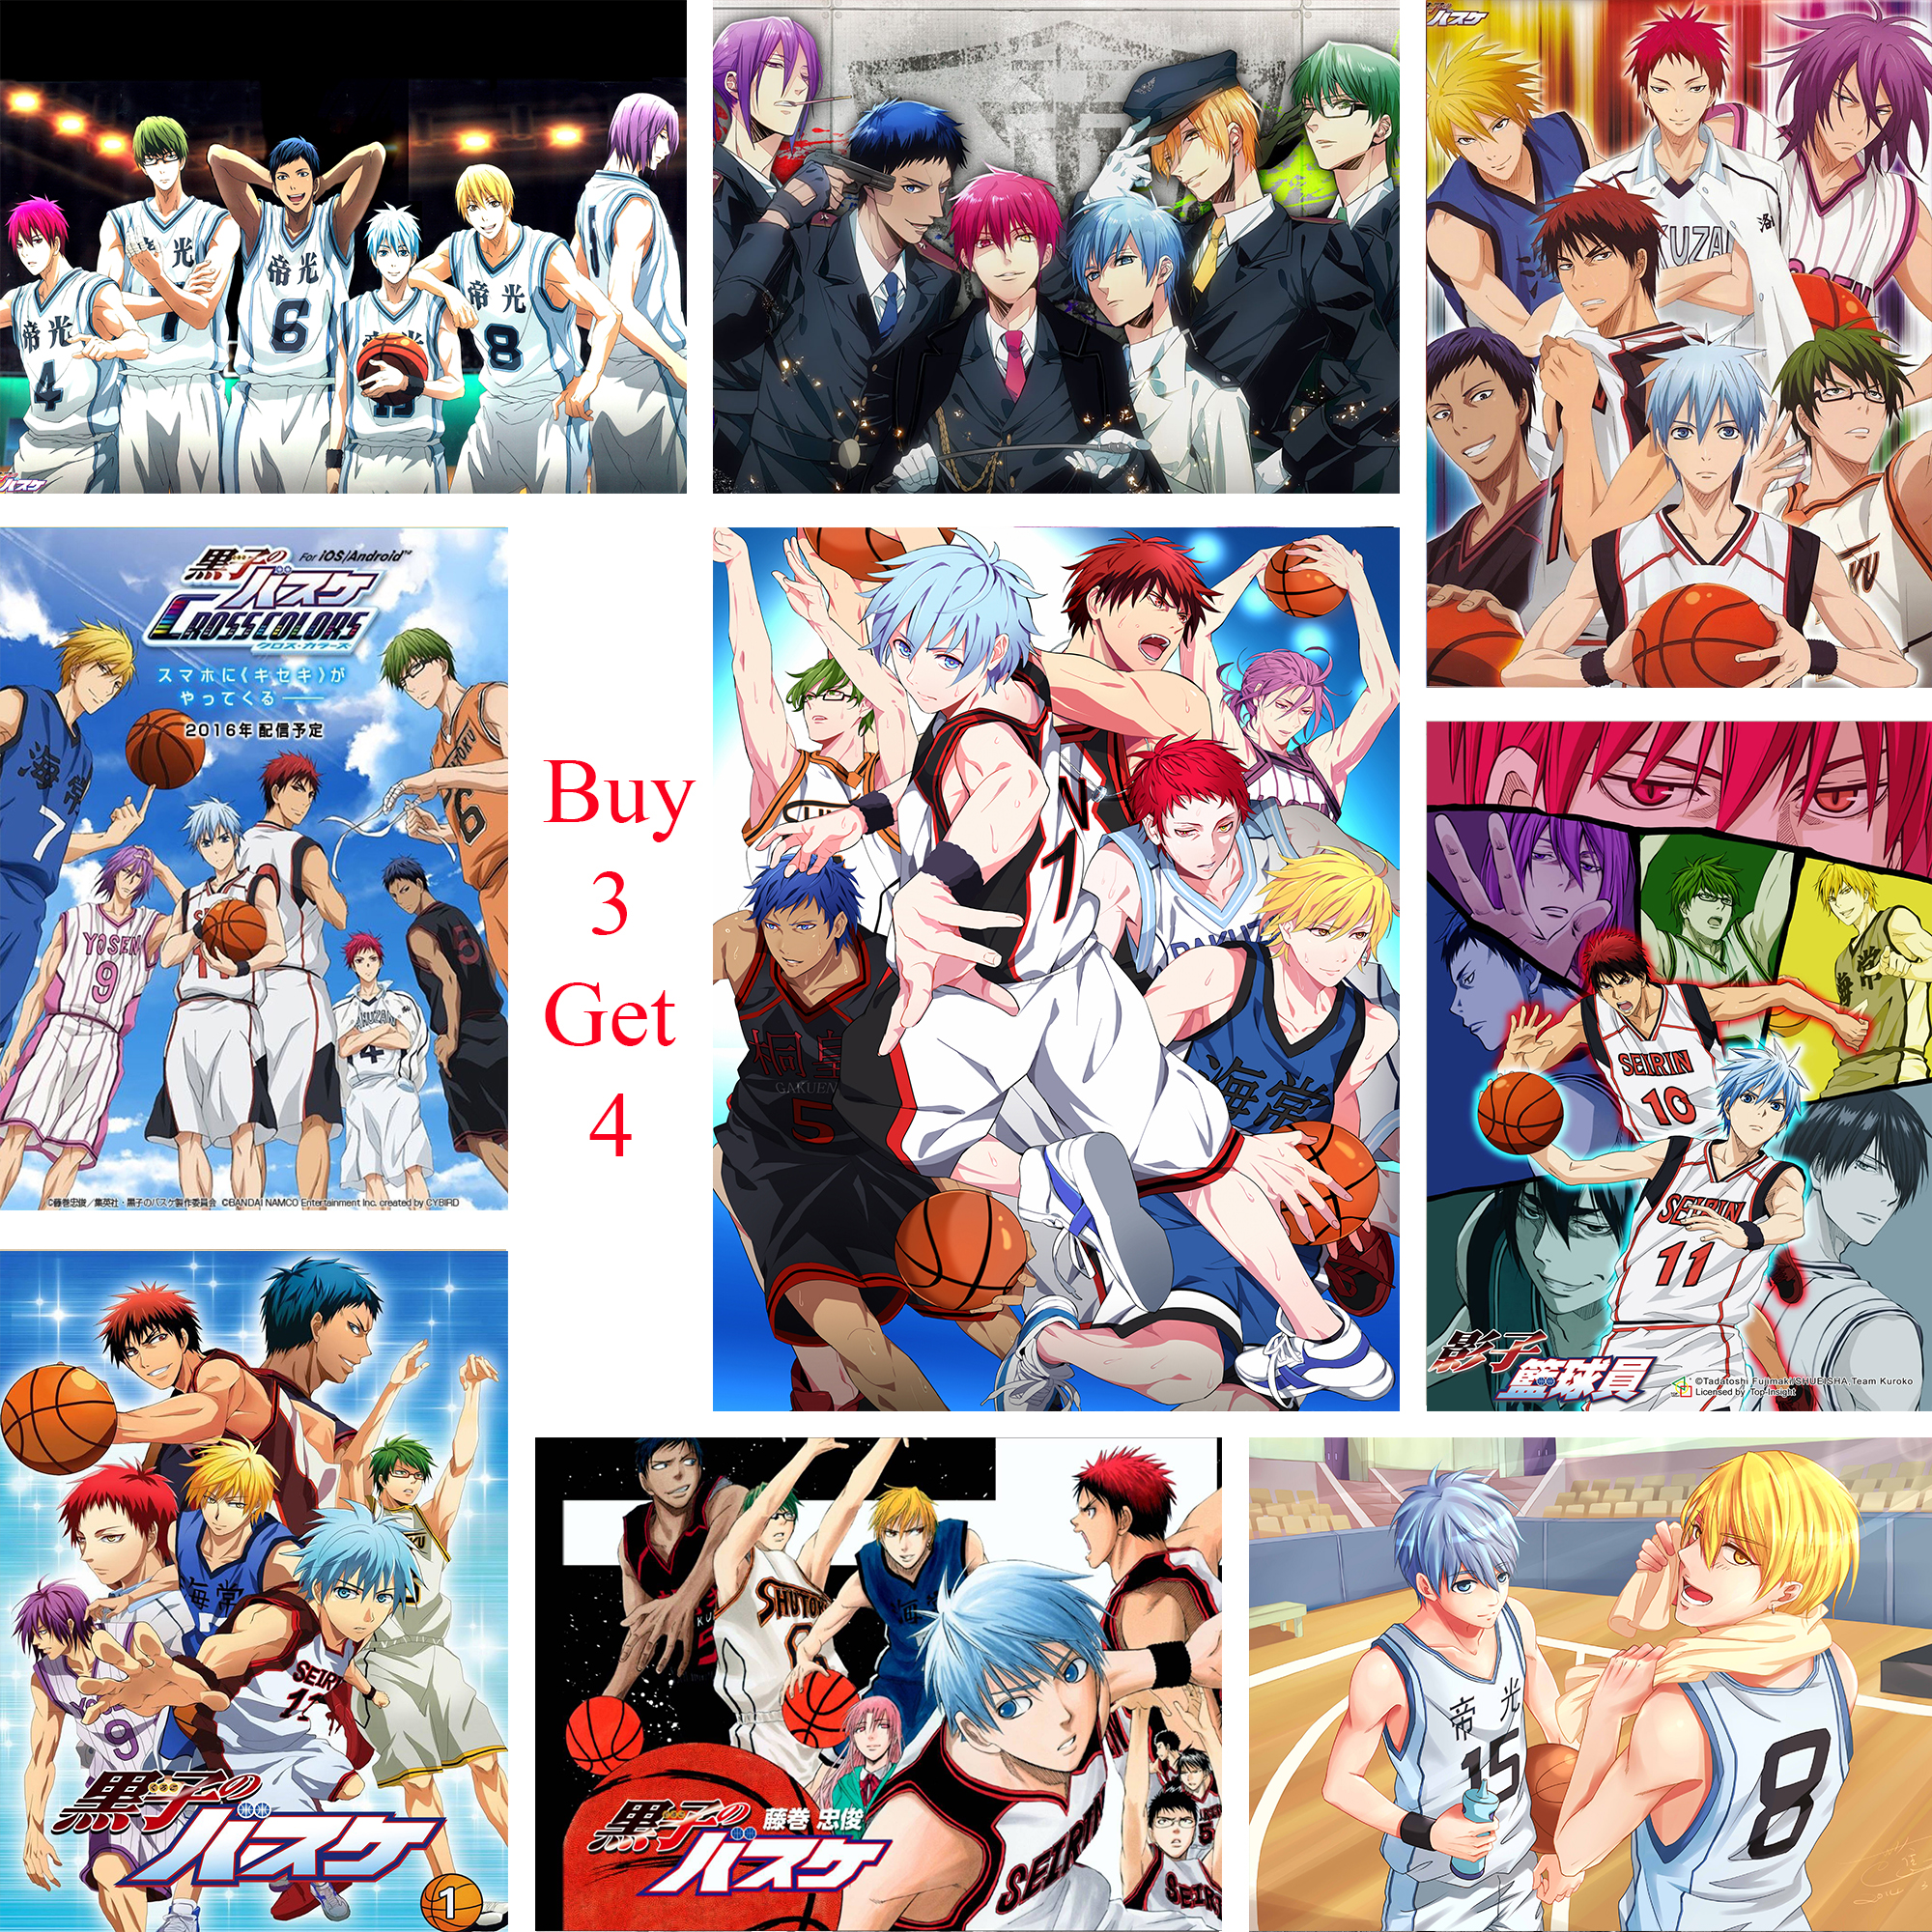 Баскетбольные постеры Kuroko японского аниме, настенные наклейки с белым покрытием, печатная бумага, четкое изображение, домашнее украшение